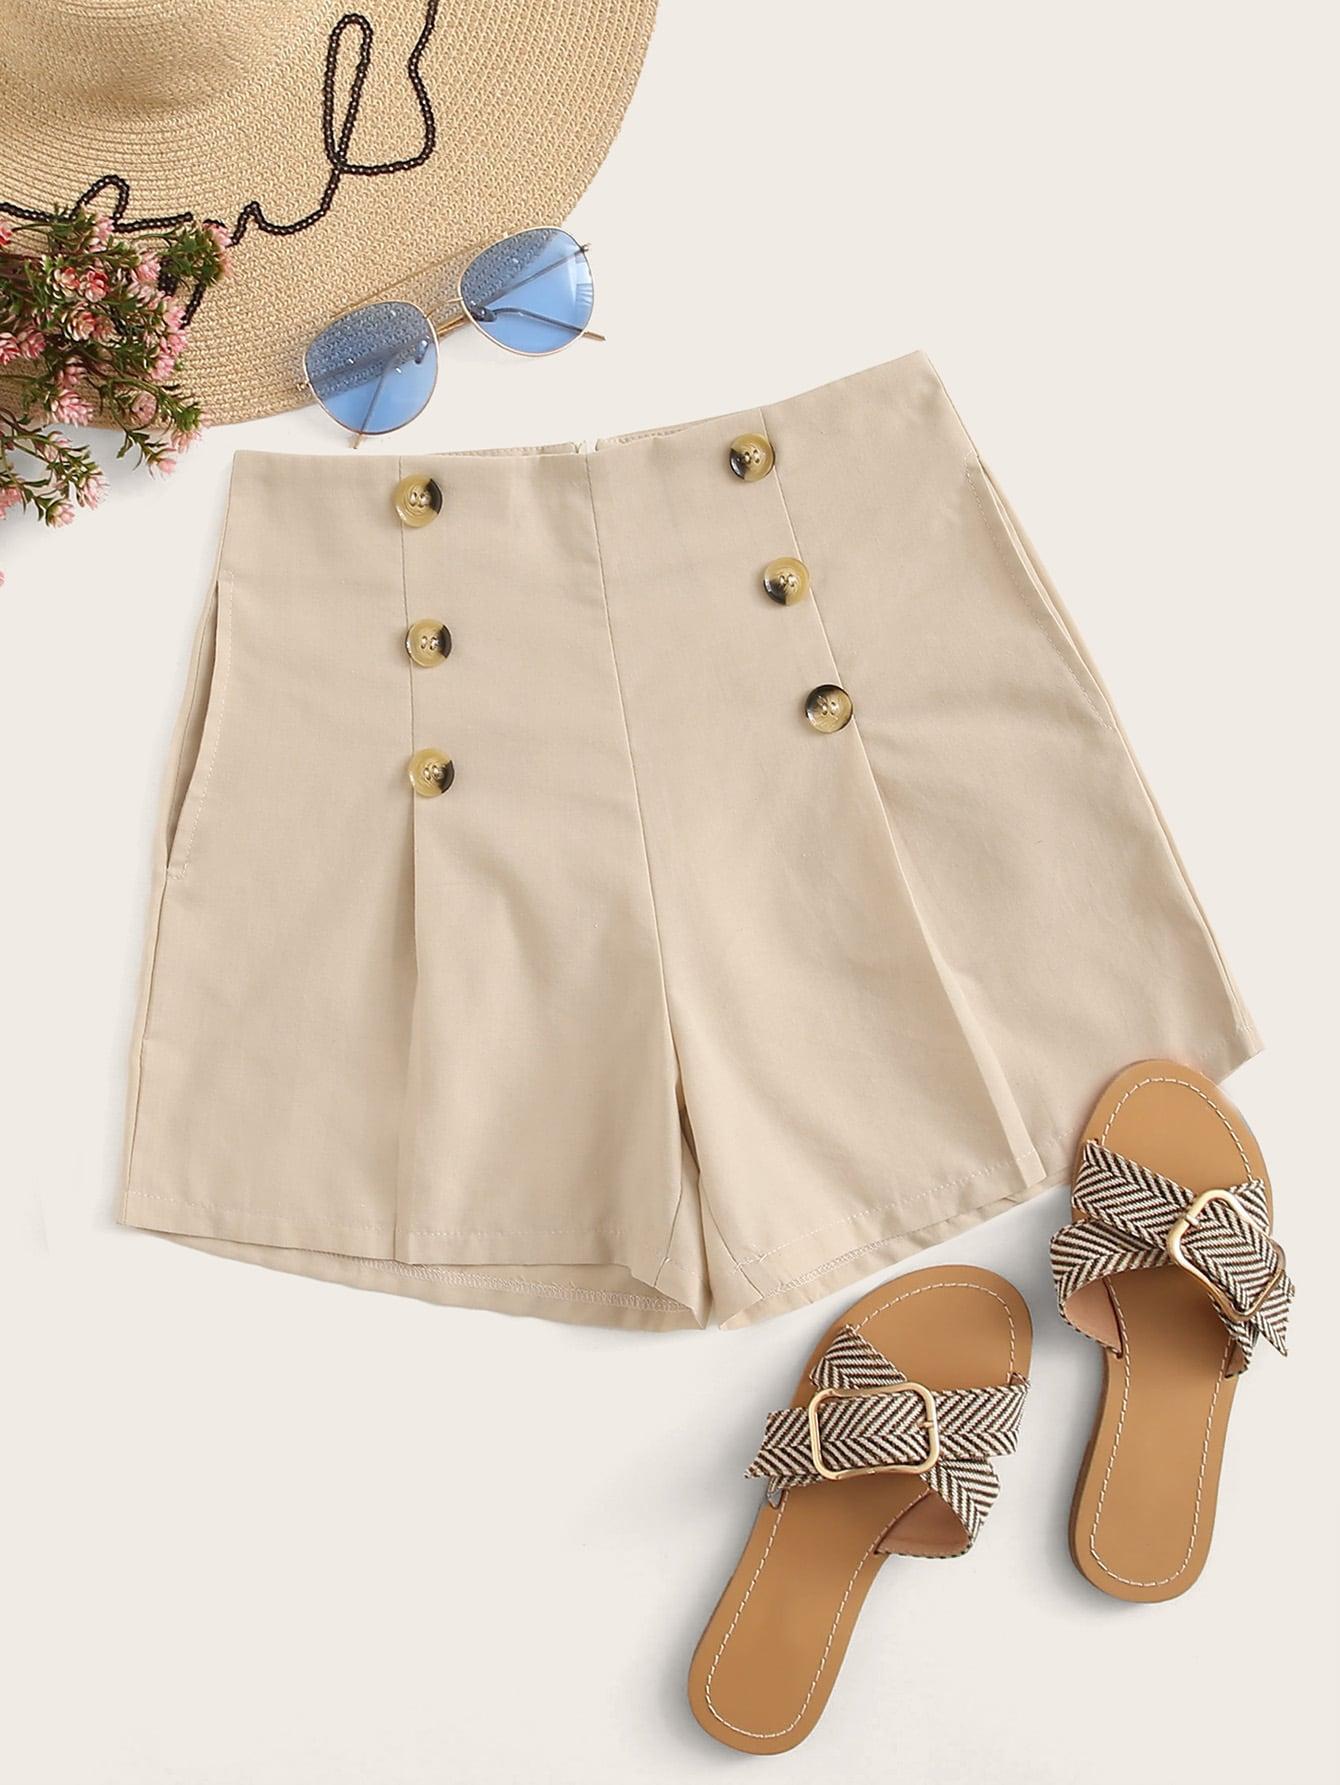 Фото - Шорты с карманом и пуговицами от SheIn цвета хаки